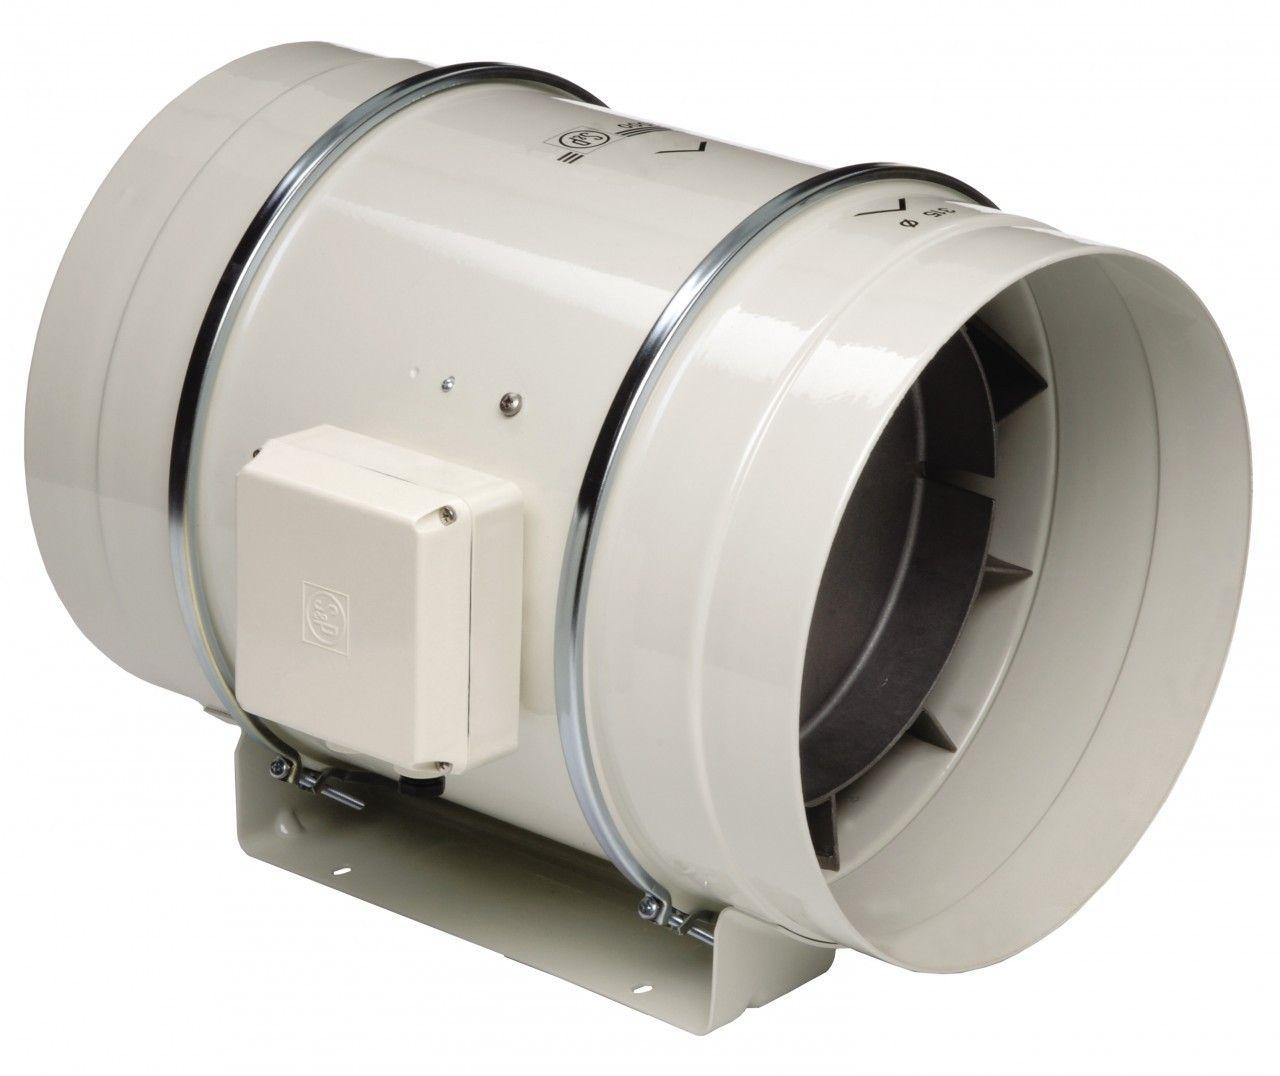 Exaustor p/ Conduto S&P TD-1300/250 MIXVENT 220 V